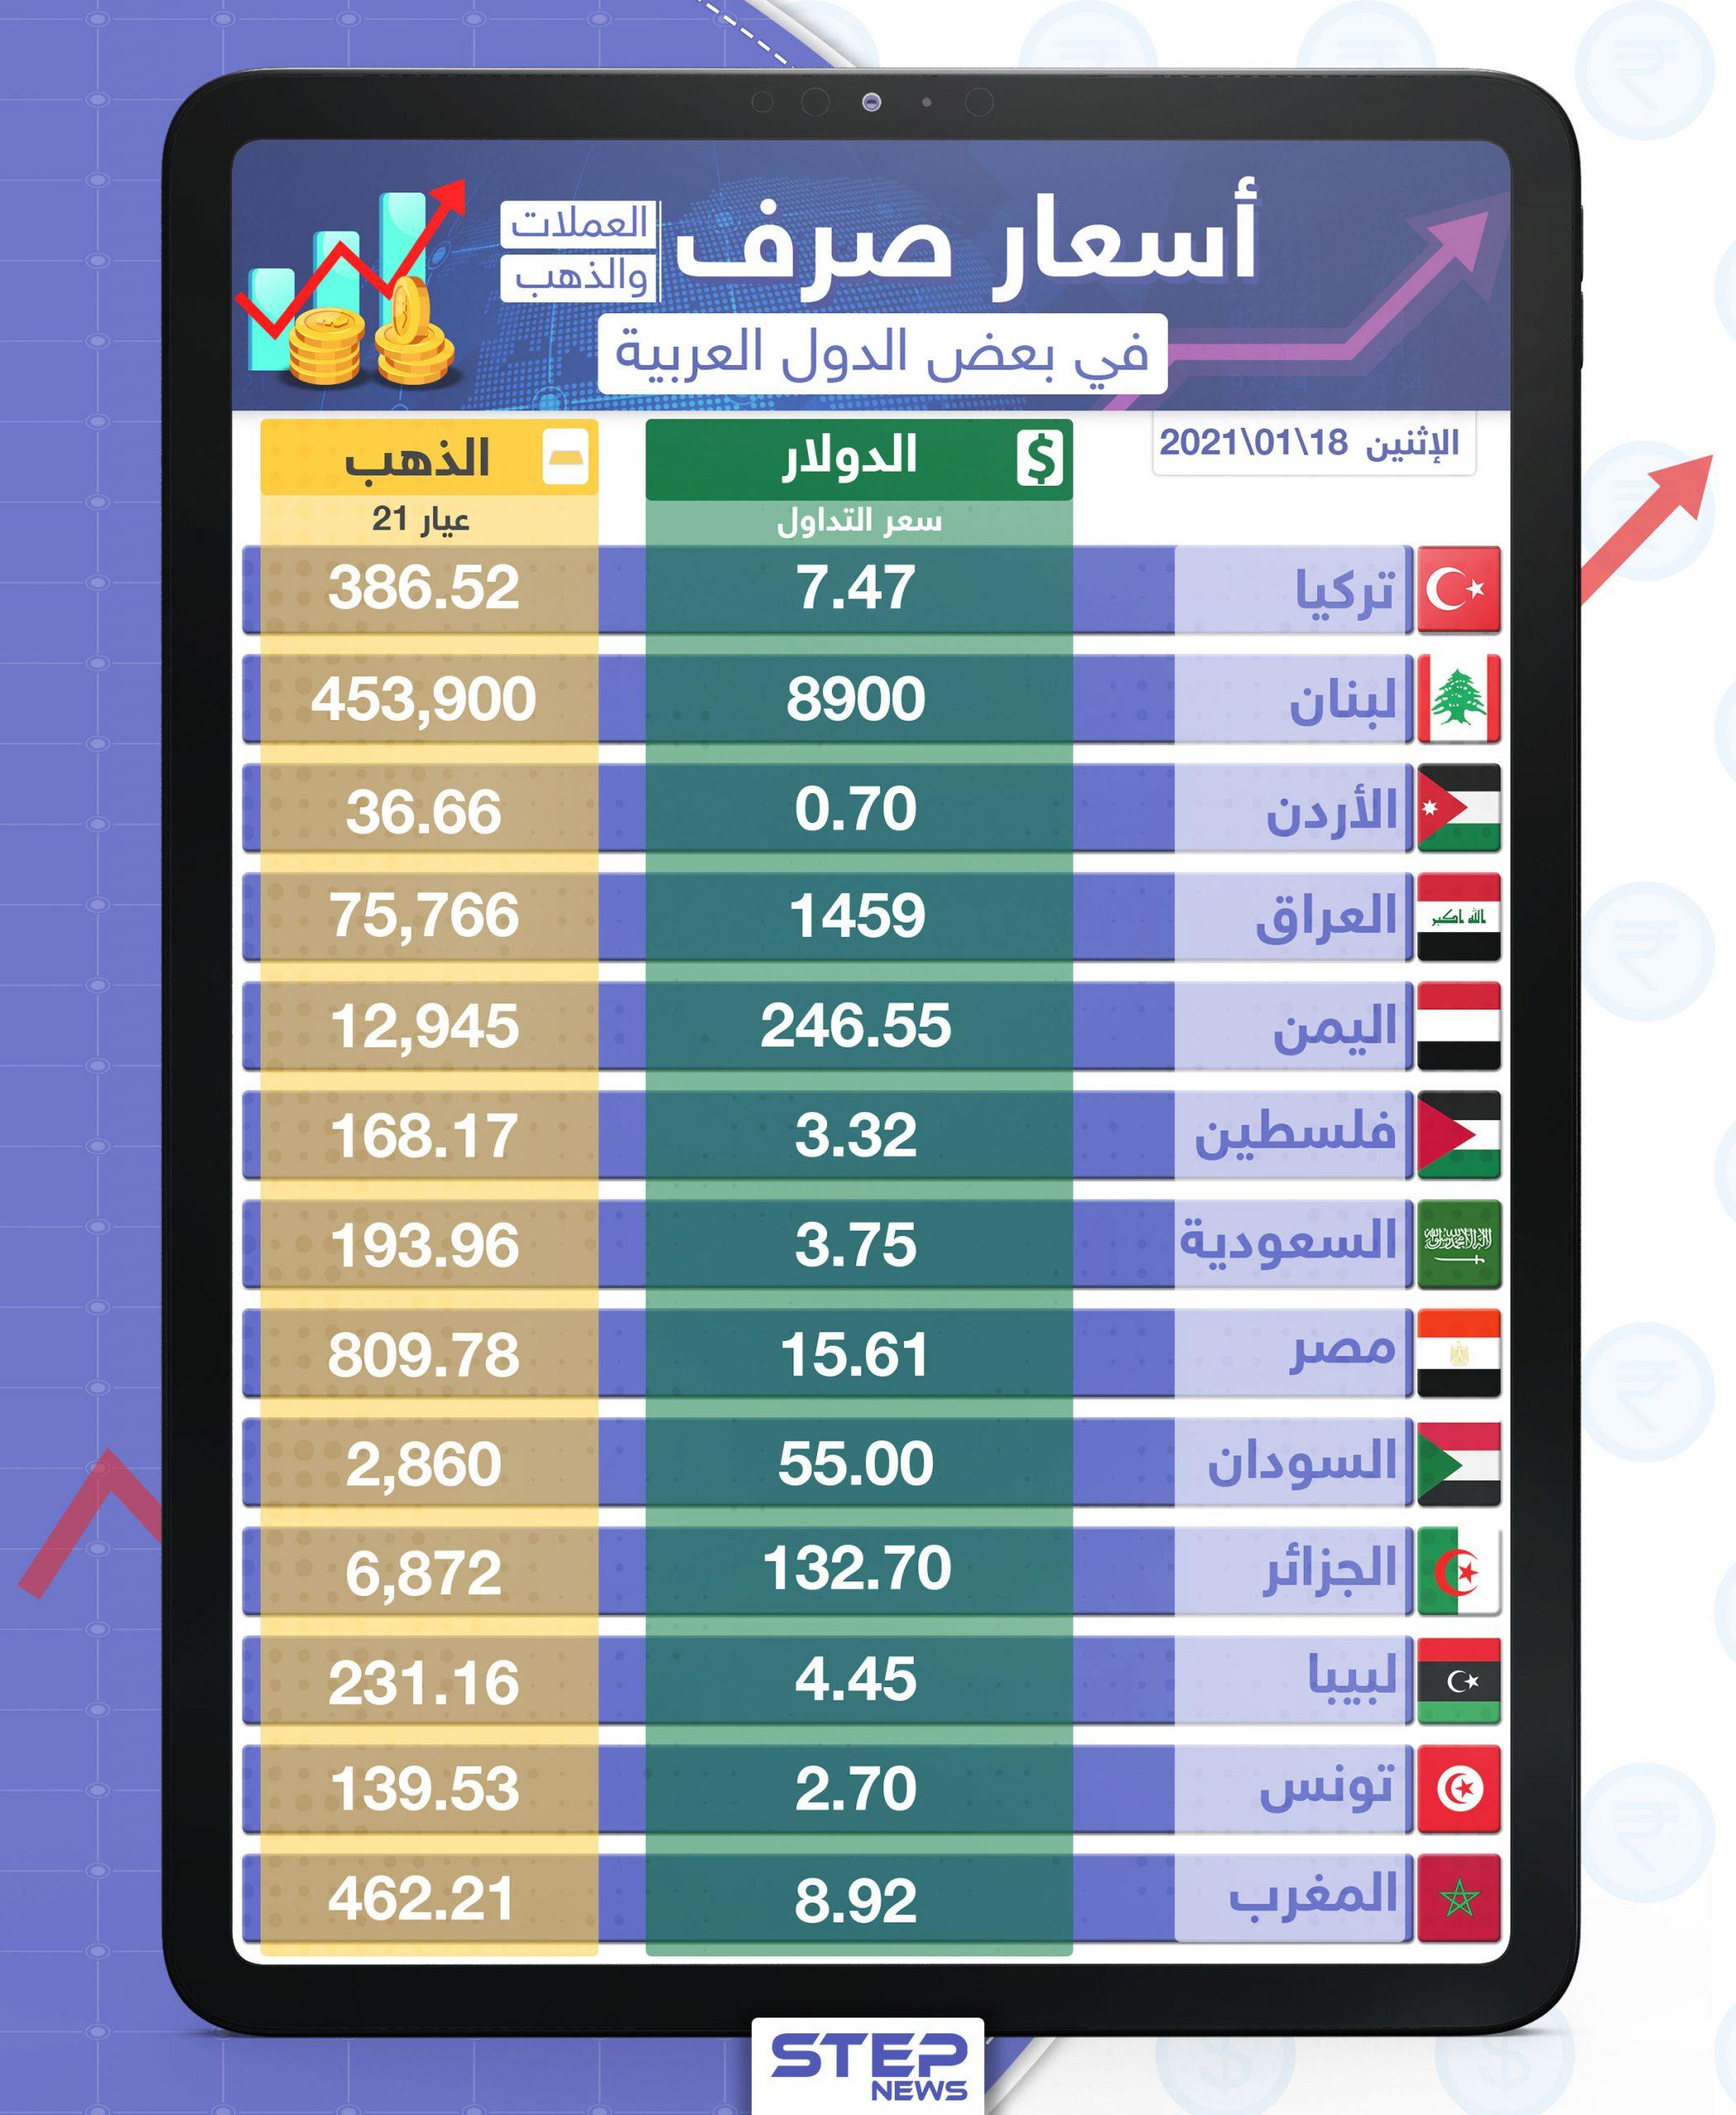 أسعار الذهب والعملات للدول العربية وتركيا اليوم الاثنين الموافق 18 كانون الثاني 2021